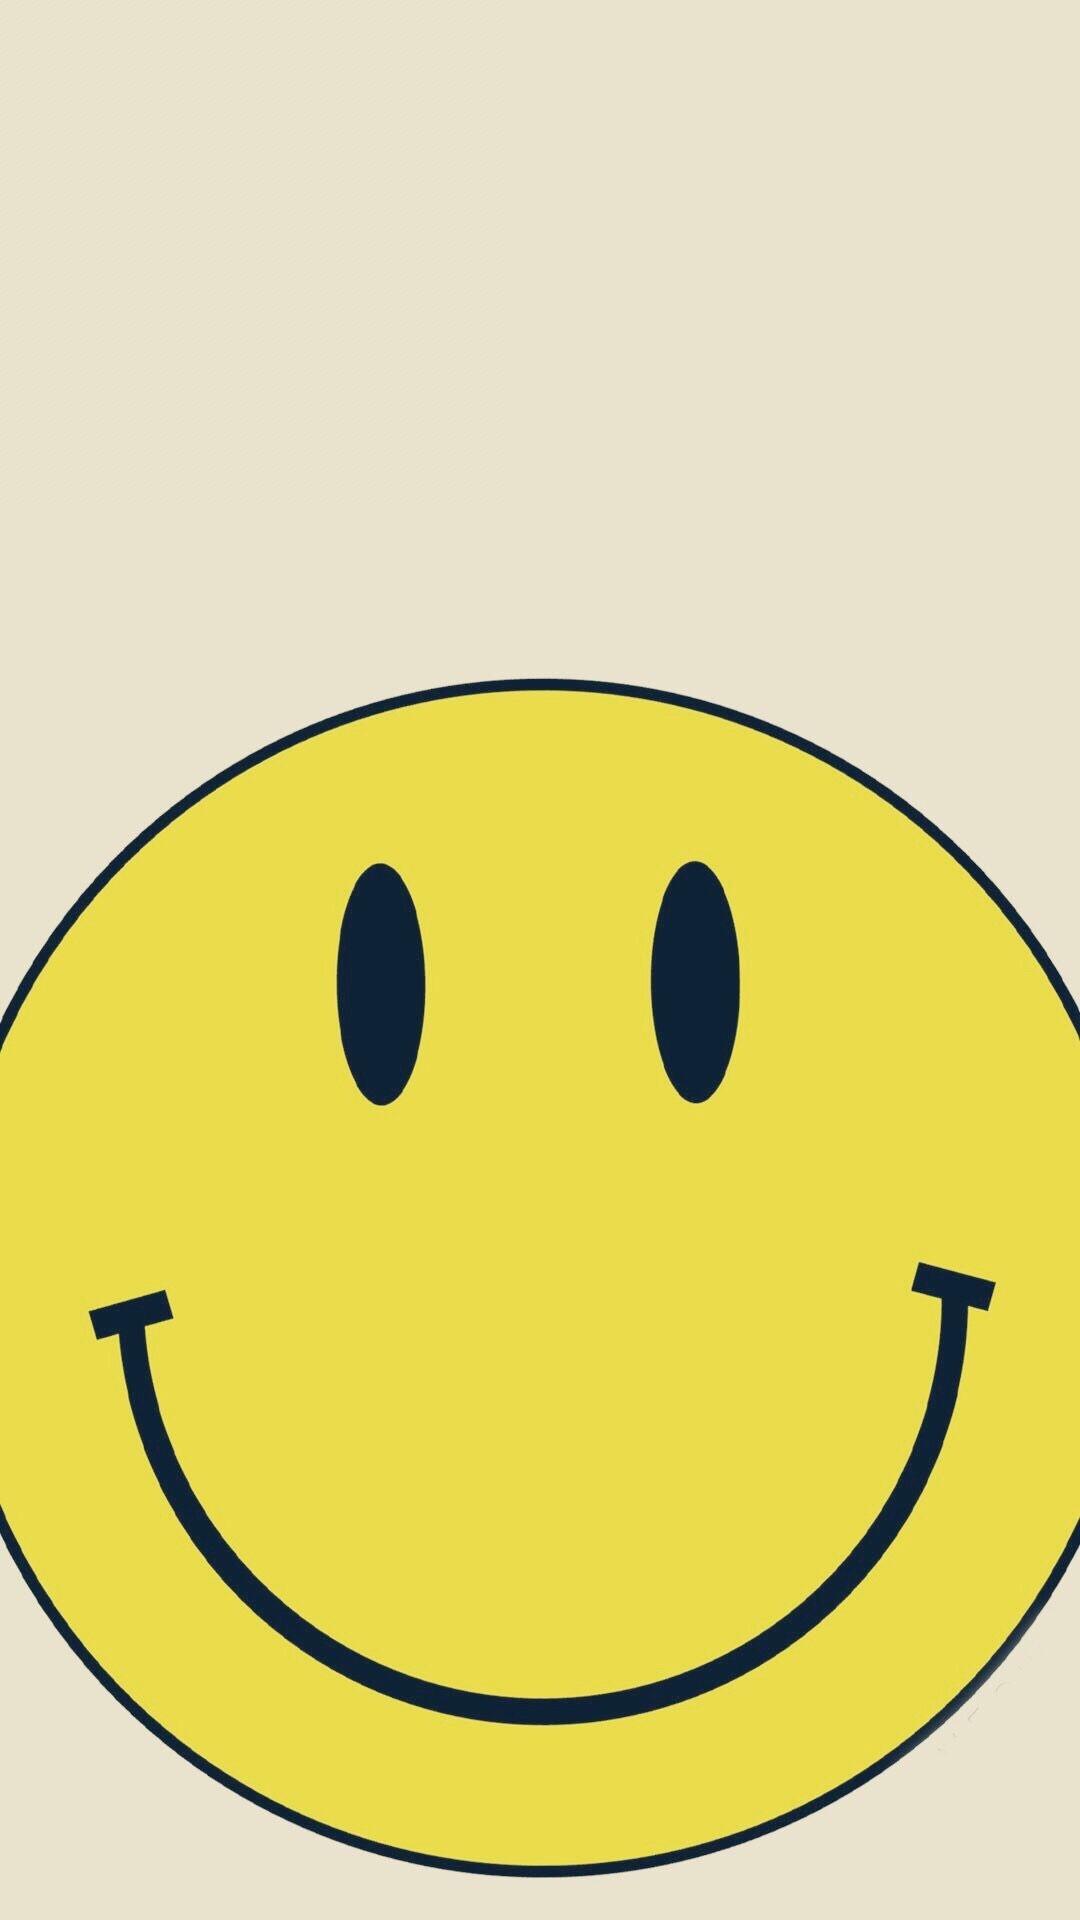 【v粉壁纸】可爱笑脸壁纸